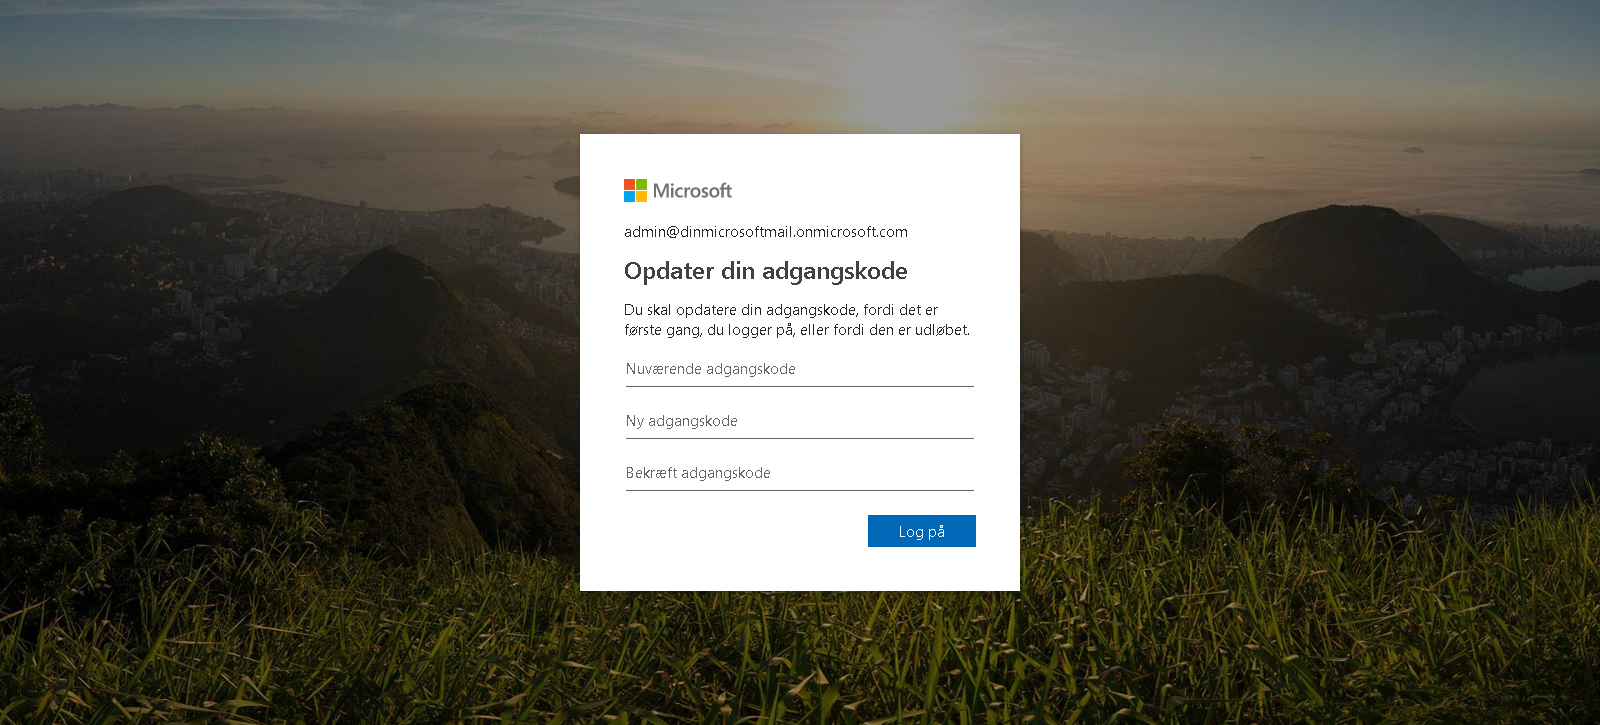 2microsoft_opdater_adgangskode